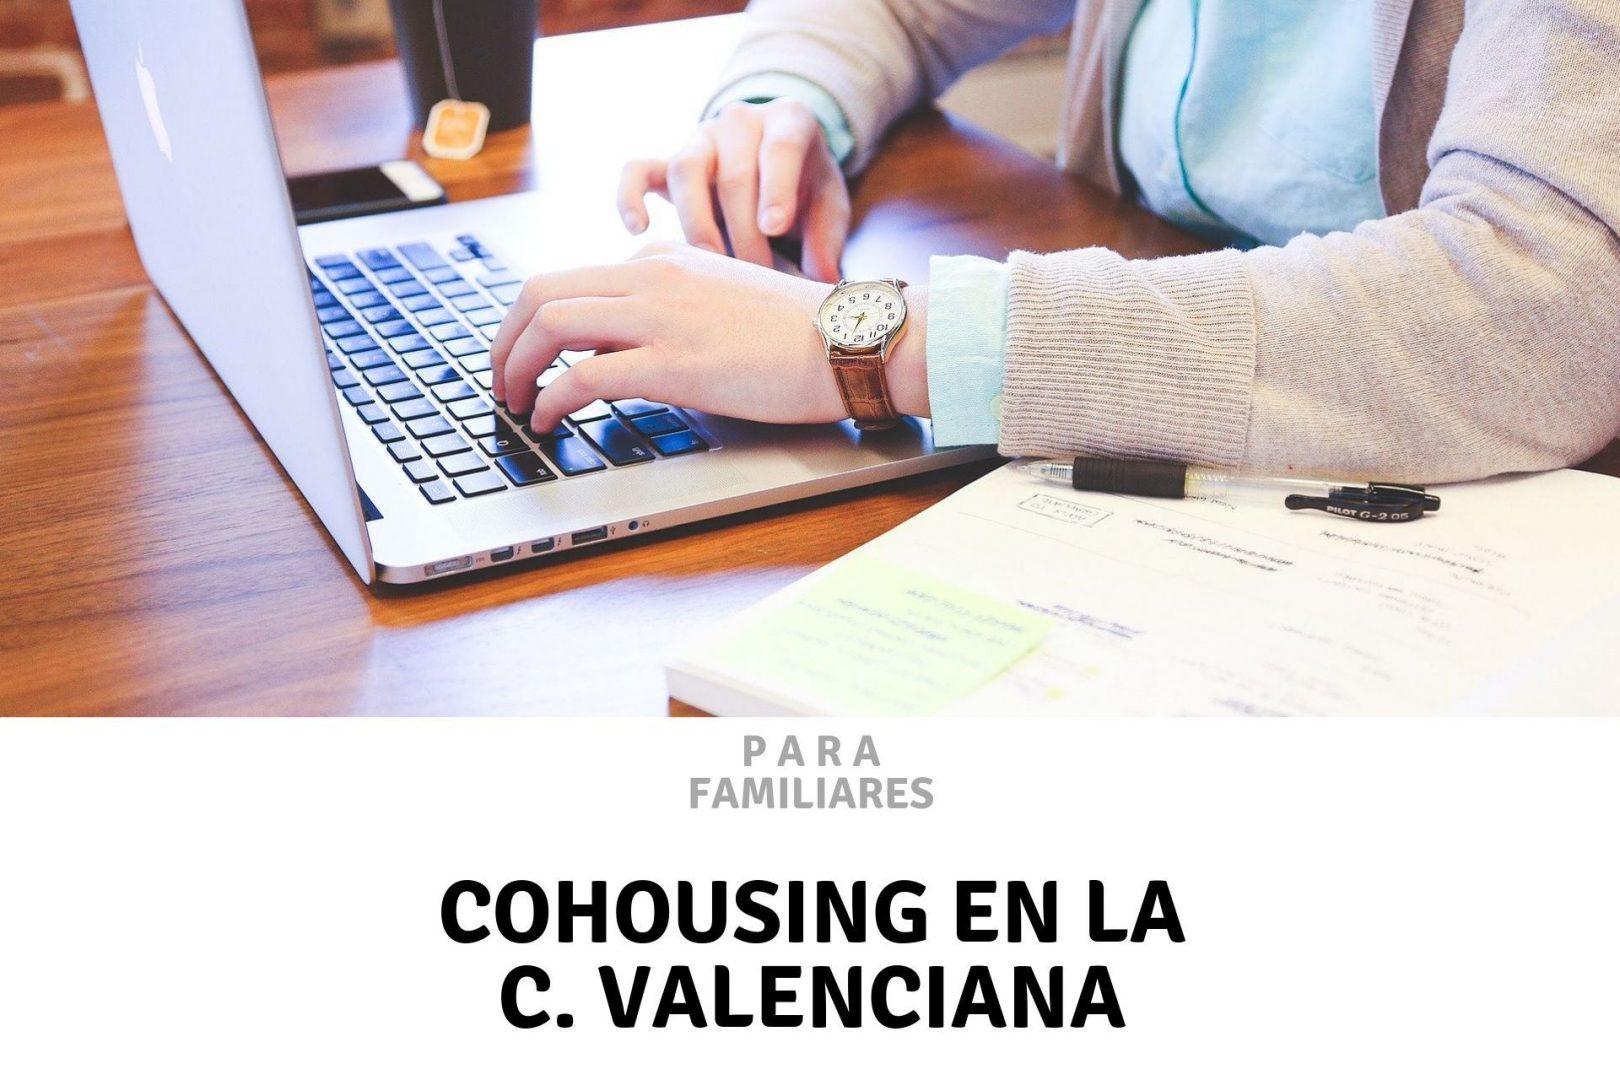 Cohousing en la Comunidad Valenciana: FECOVI